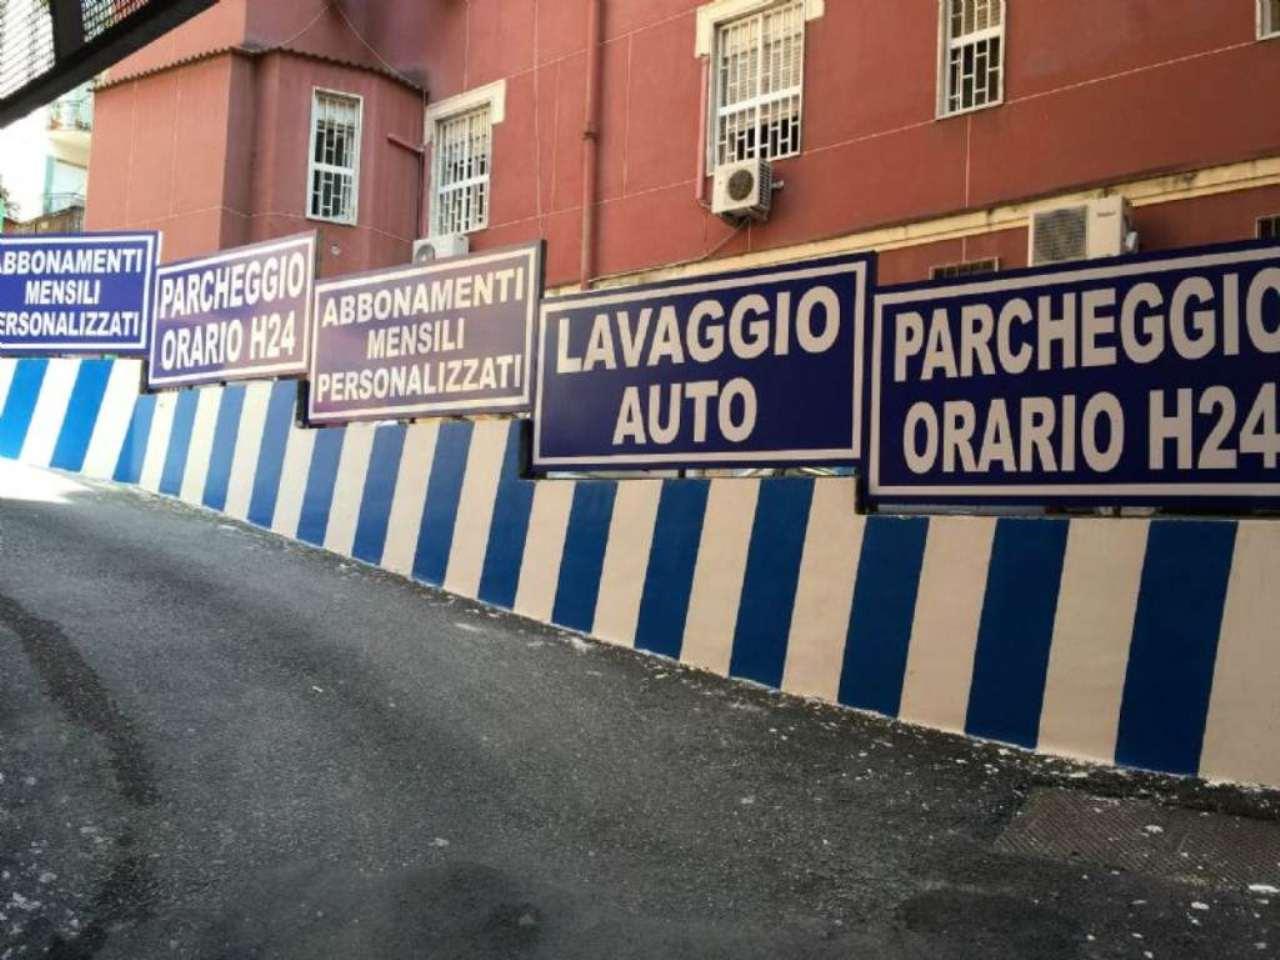 Attività / Licenza in vendita a Napoli, 1 locali, zona Zona: 5 . Vomero, Arenella, prezzo € 6.500 | Cambio Casa.it